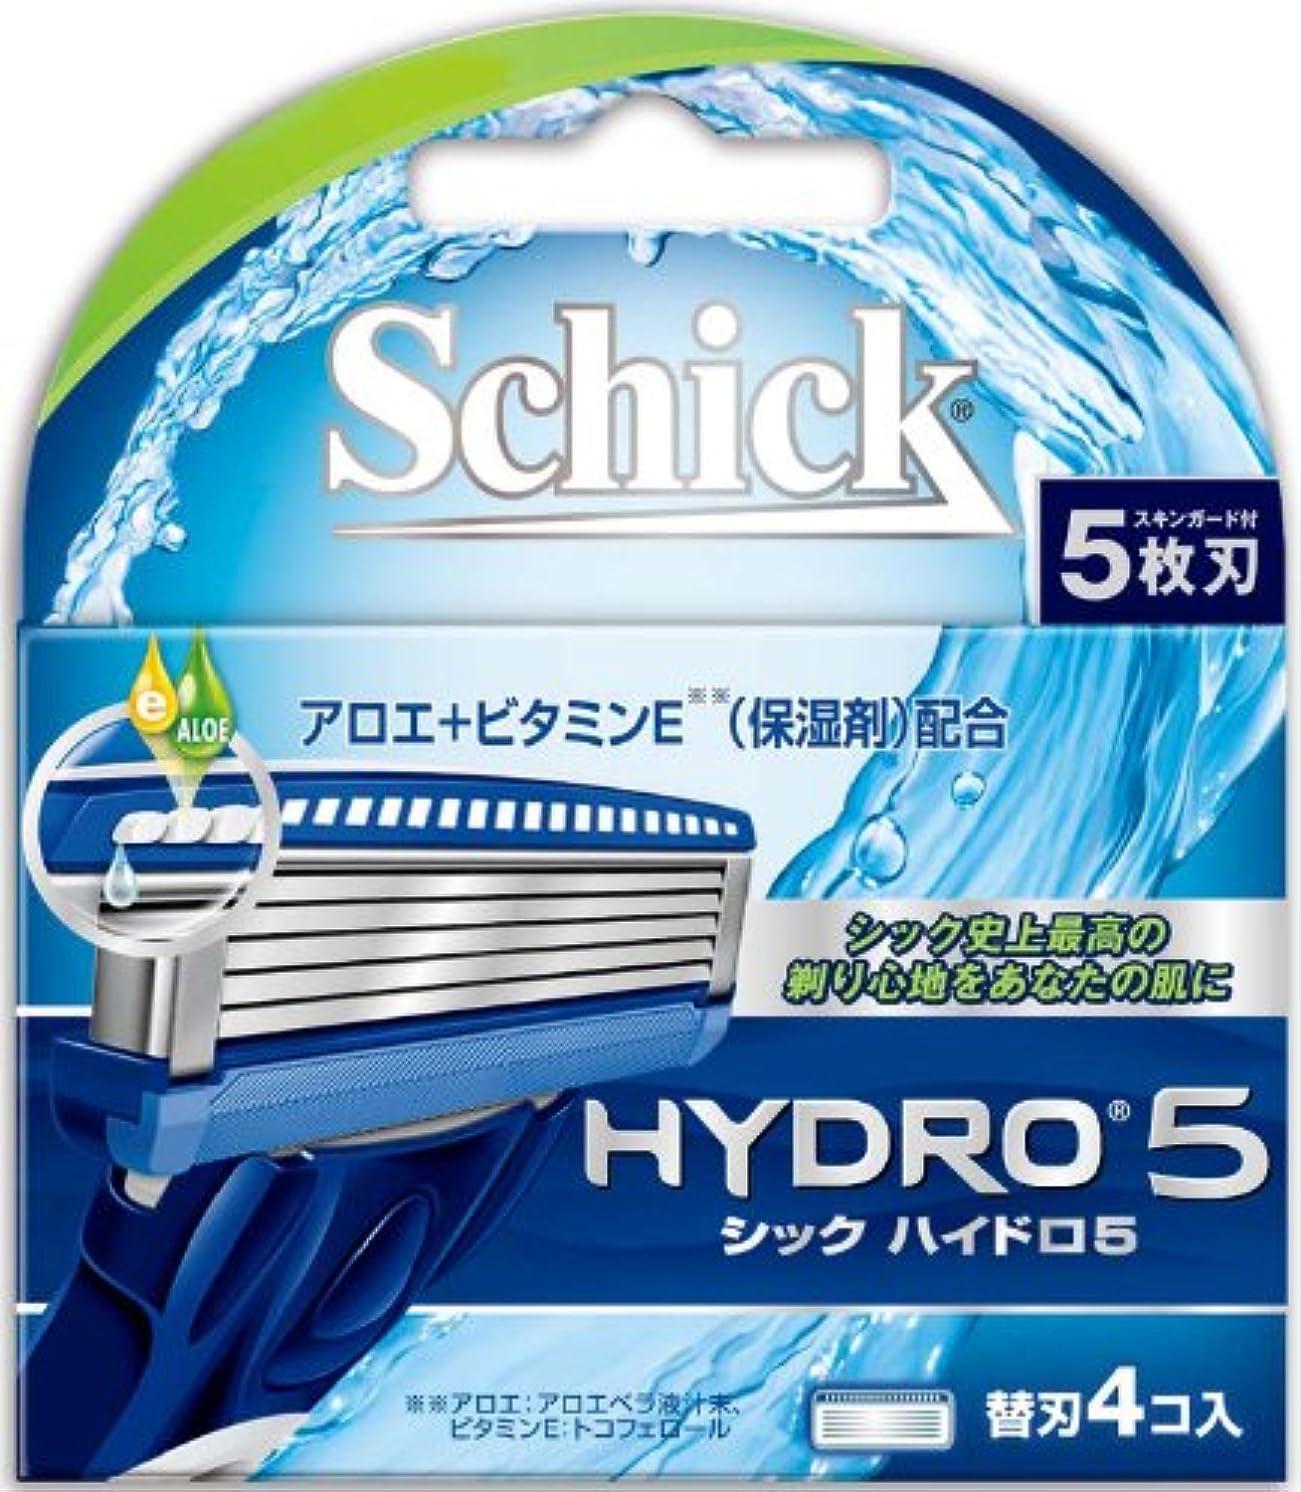 秋筋肉のシック ハイドロ5 替刃(4コ入)